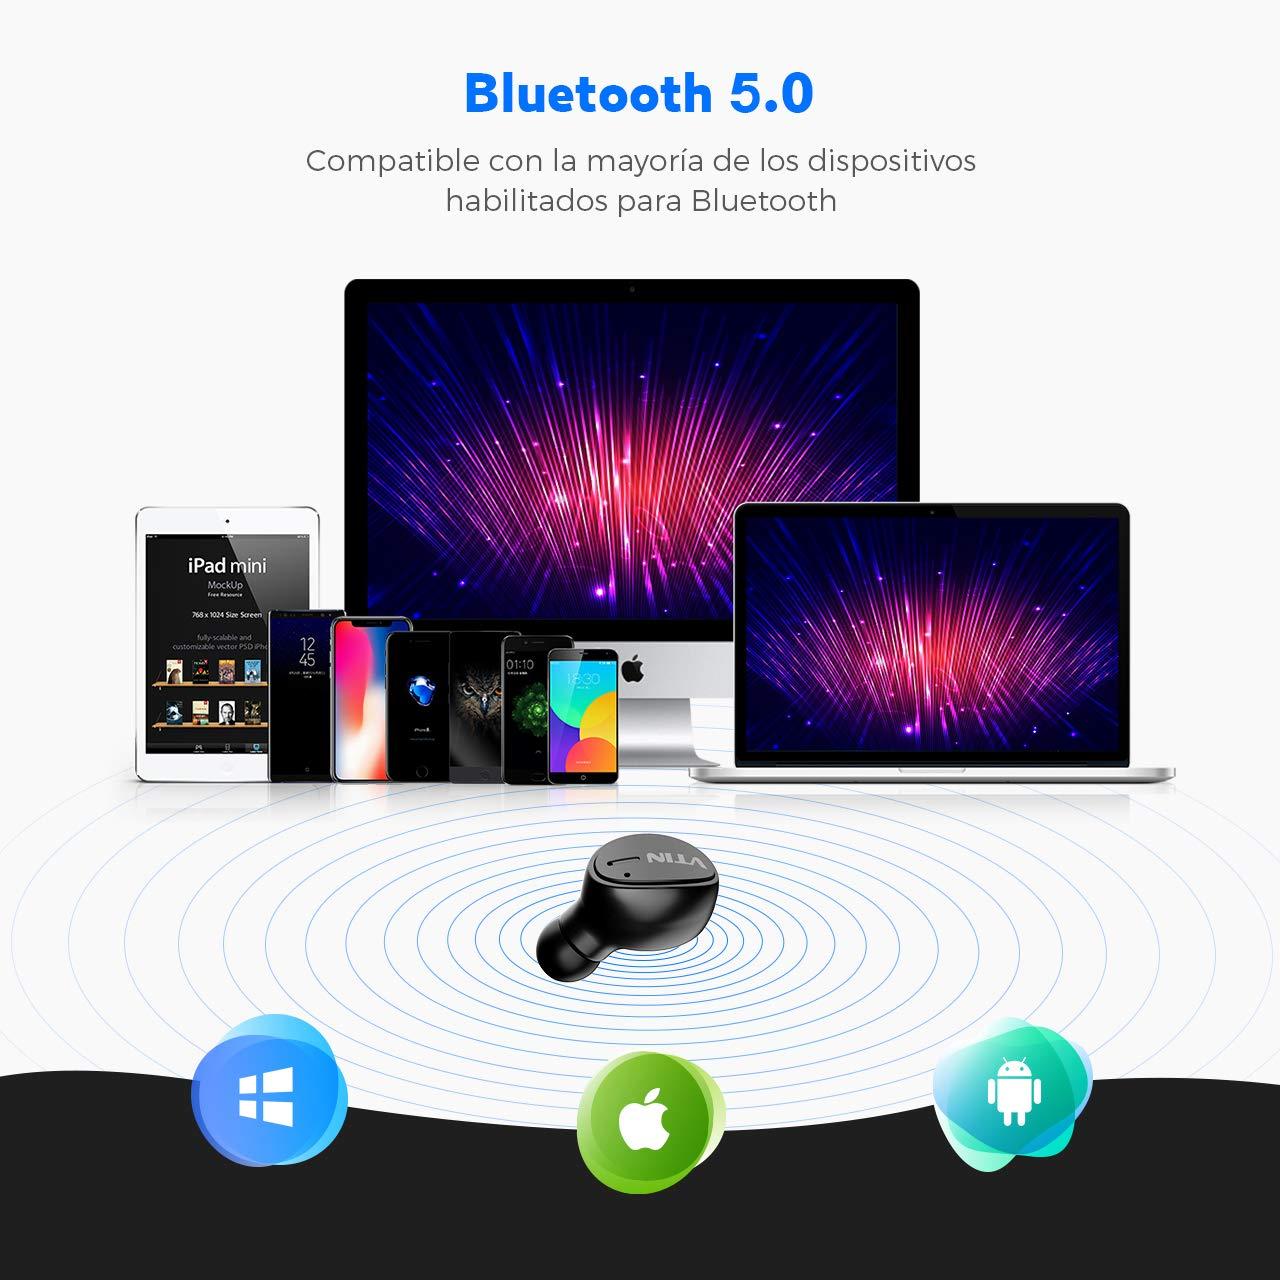 Mini Auricular Bluetooth VTIN Auricular Invisible Bluetooth 5.0 caja para cargar en Cualquier momento para Hacer Llamadas en Coche y Oficina etc- Negro HD Micr/ófono incorporado y manos Libres